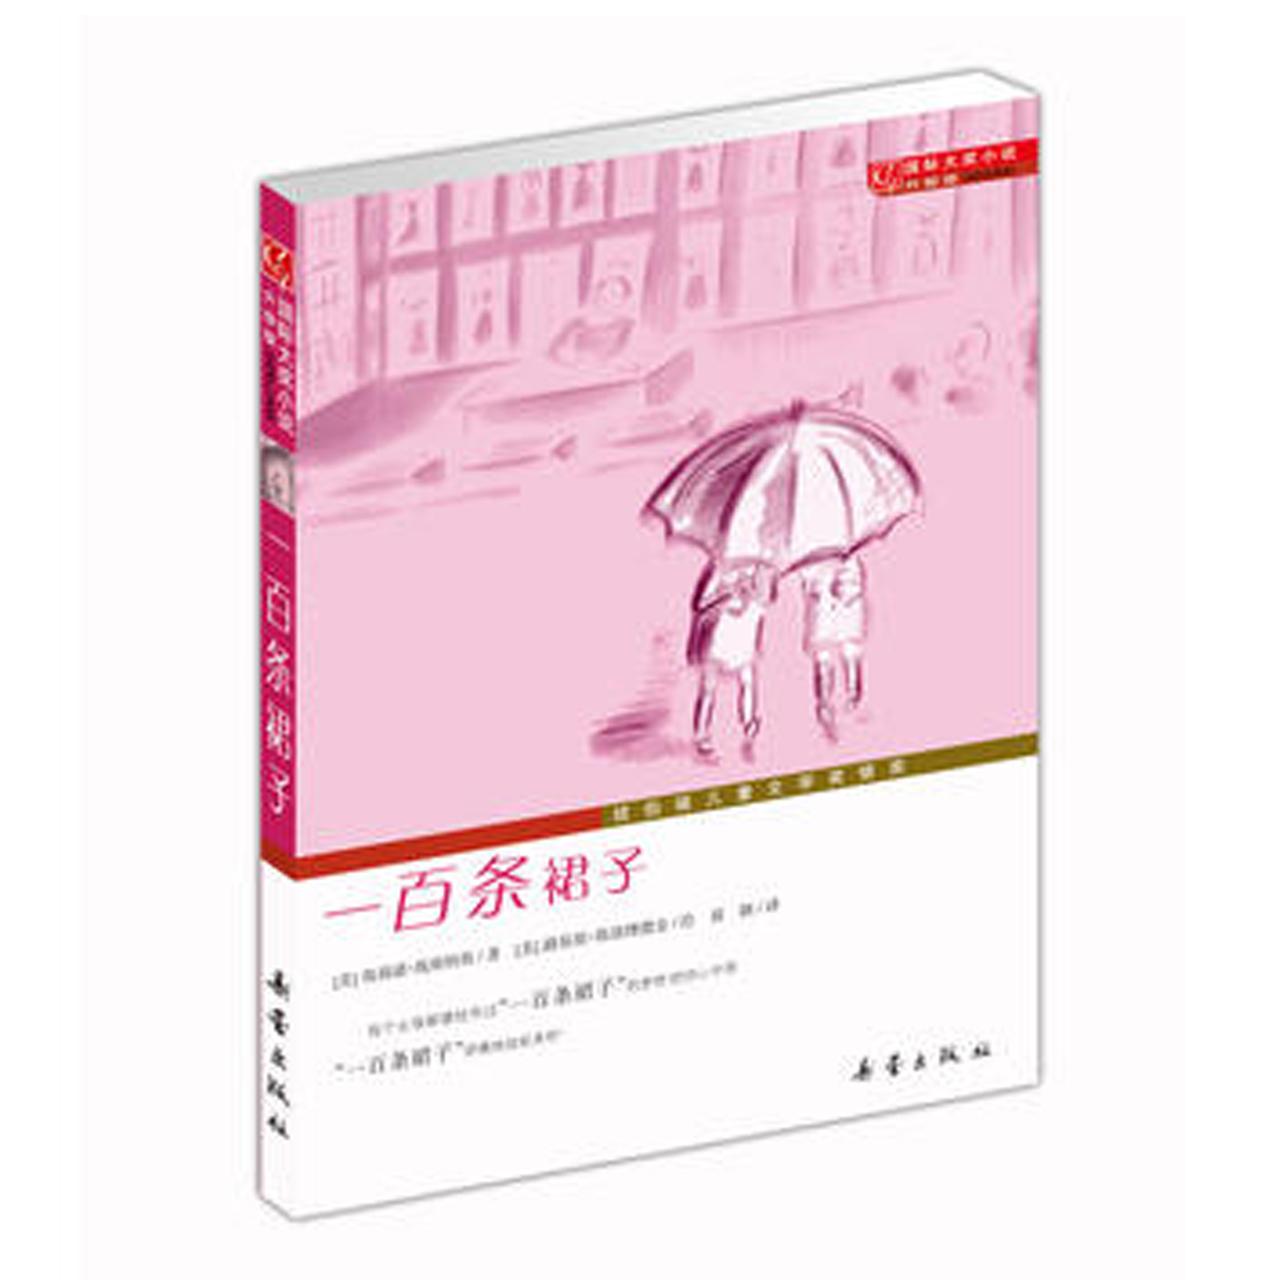 一百条裙子【儿童小说/青少年读物/翻译文学】